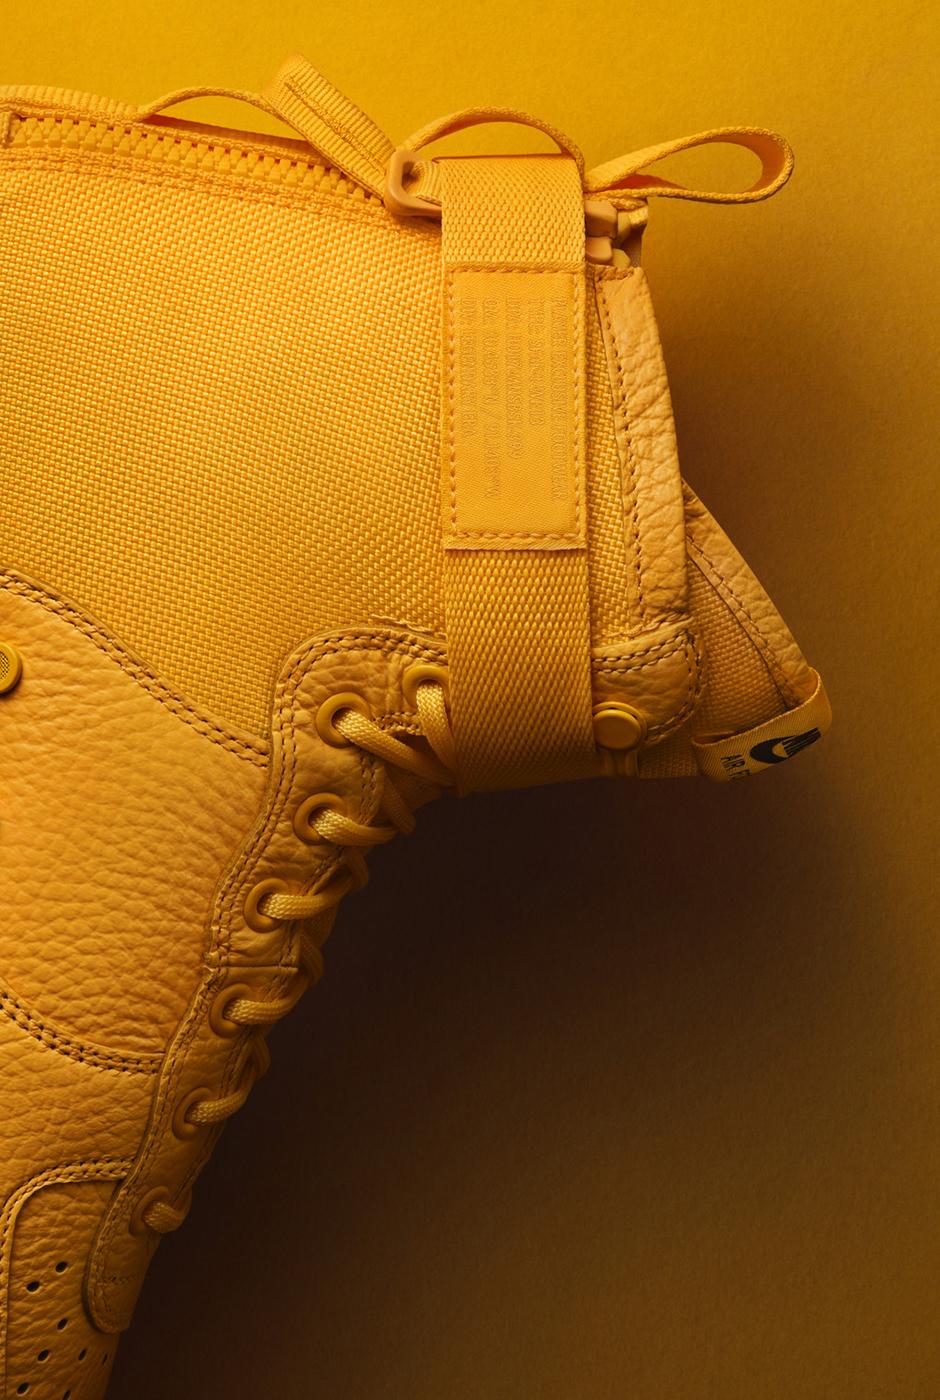 0c728c7995e Odell Beckham Jr. x Nike SF AF1 Mid Release Date  November 24th